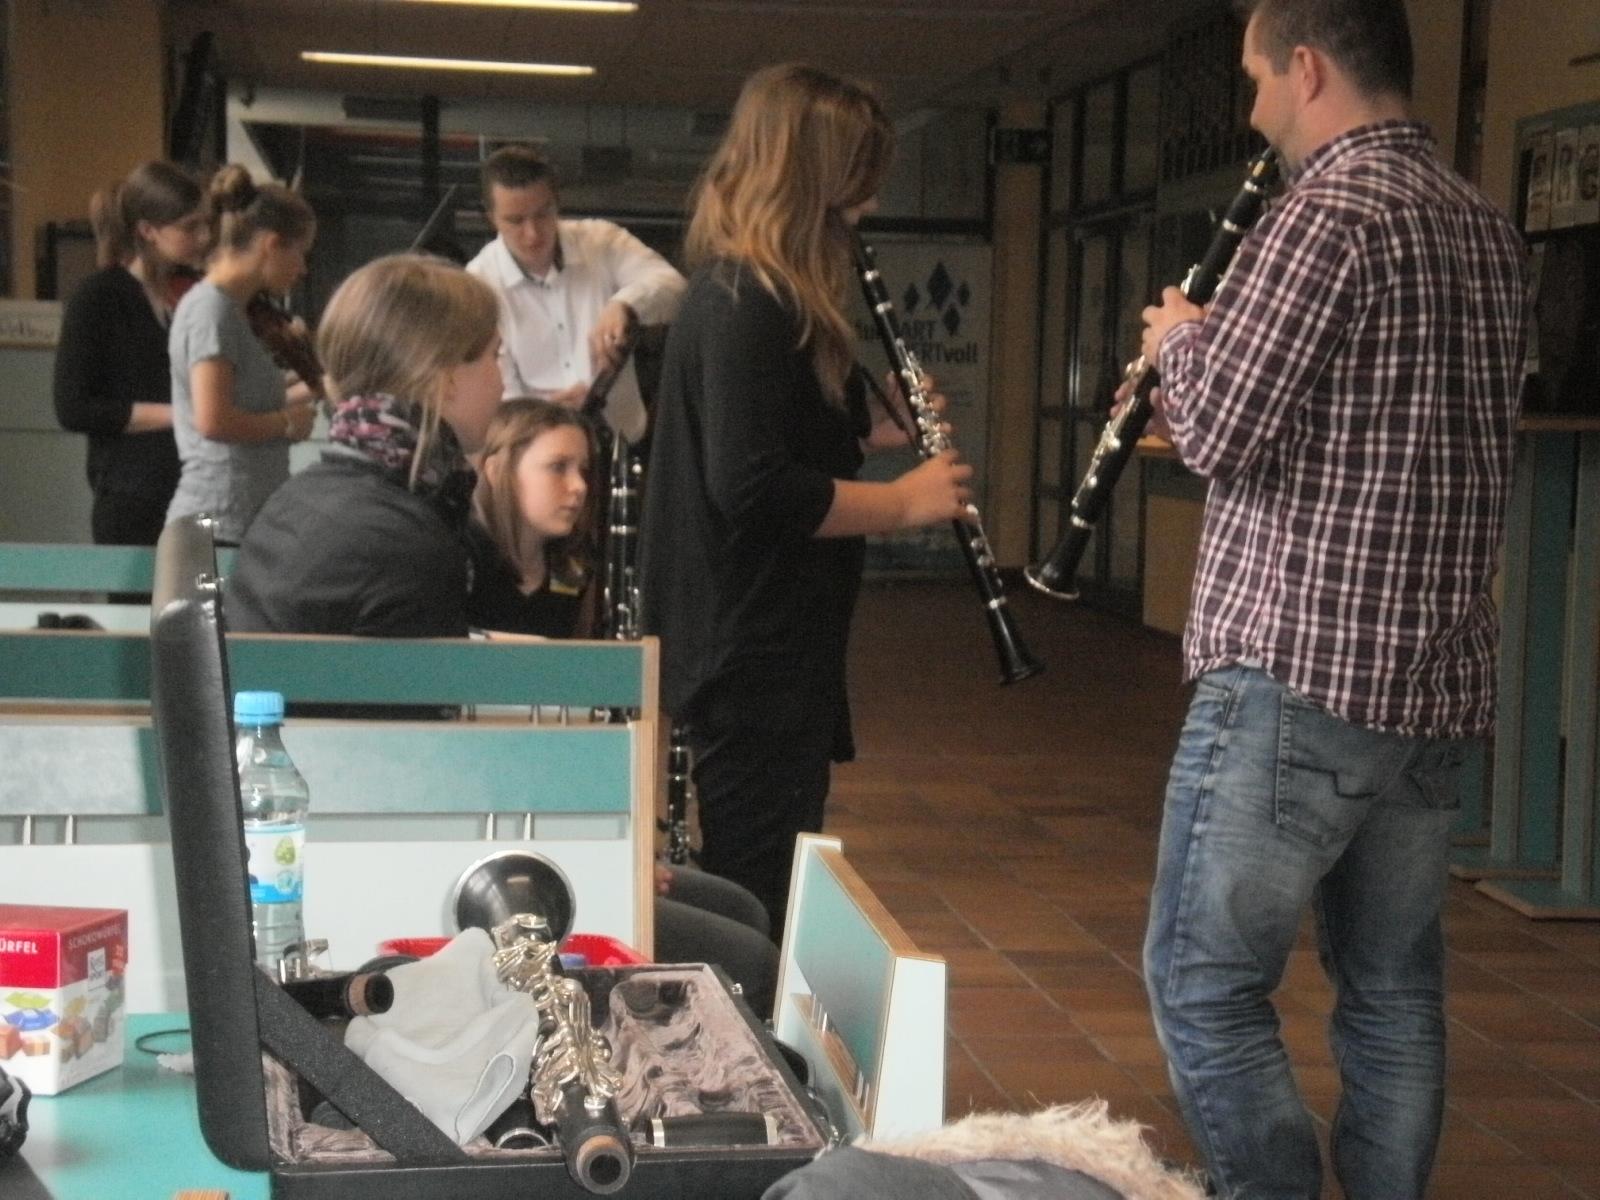 Drei Orchestermusiker der Smetana Philharmonie Prag nahmen die Workshop-Teilnehmer unter ihre Fittiche.